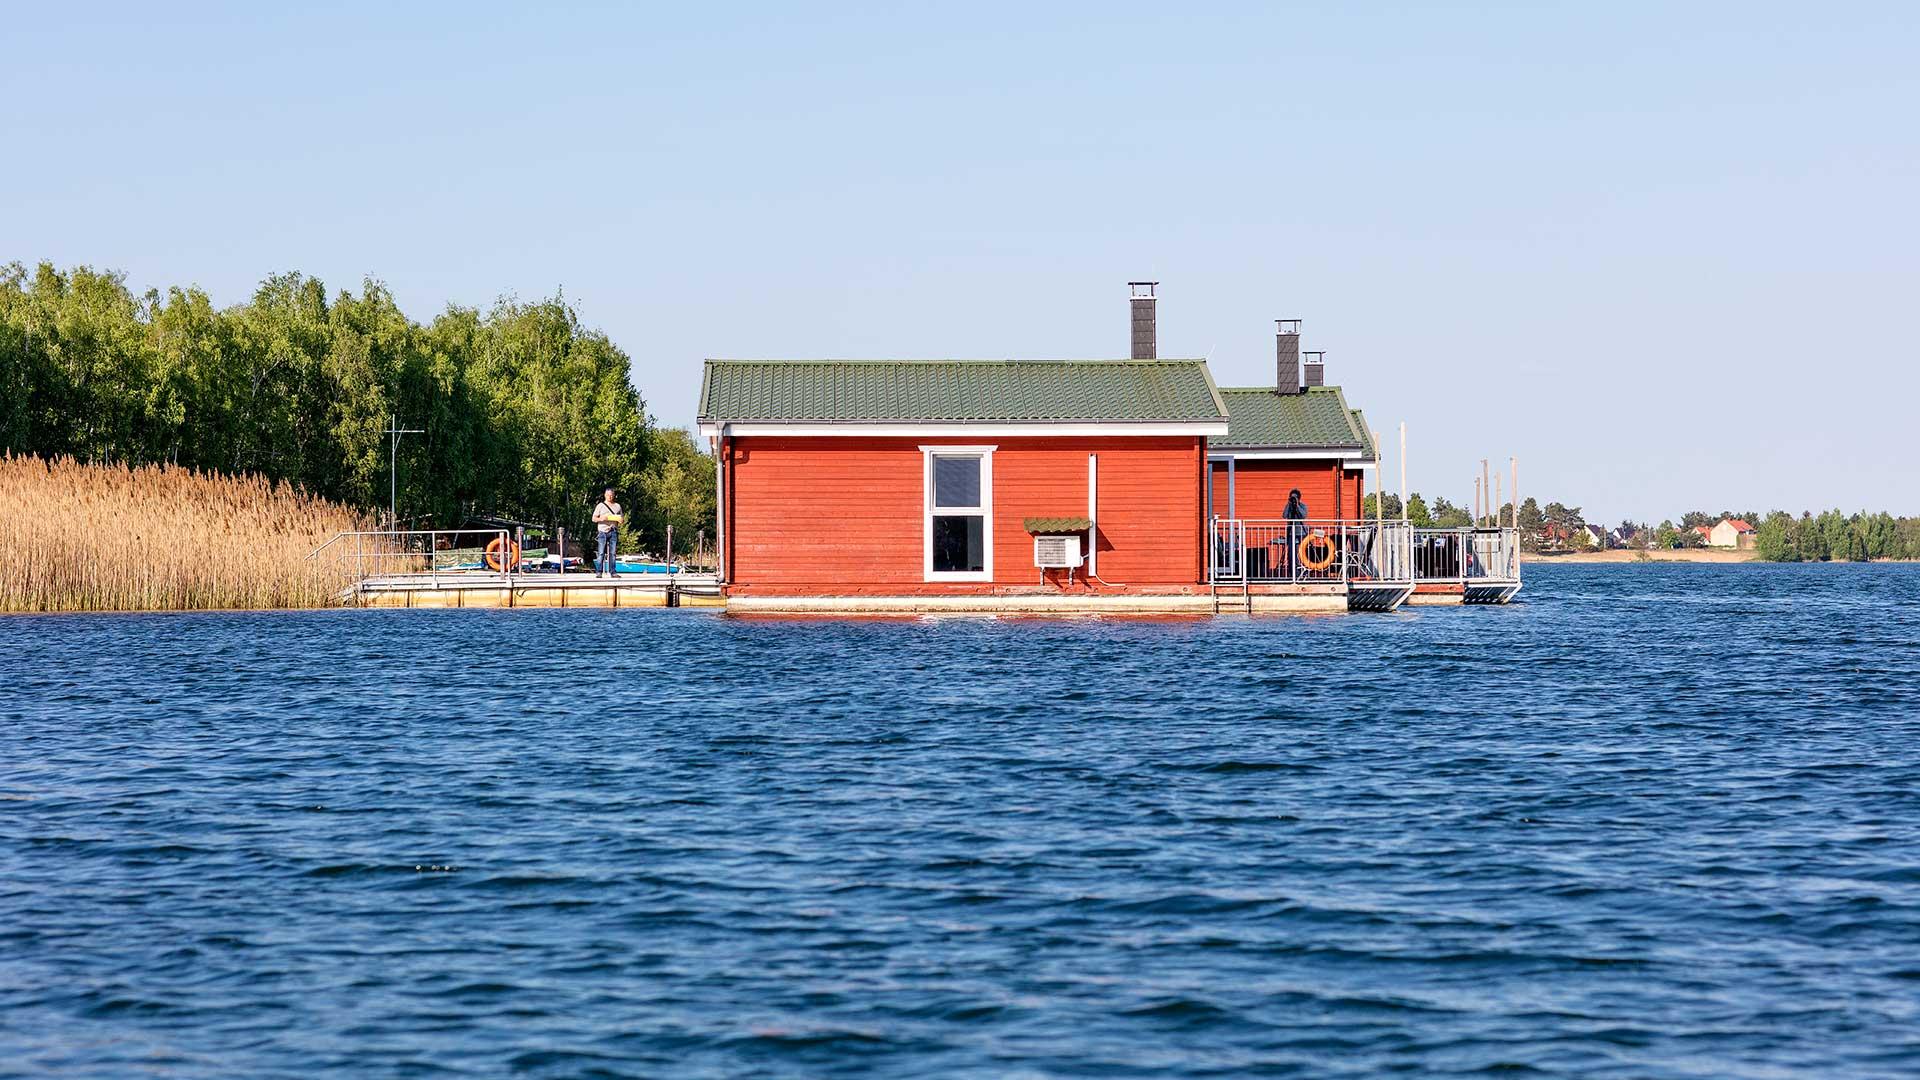 Landschaftsfotografie: Schwimmende Häuser am Bergwitzsee | Foto: Dieter Eikenberg, imprints